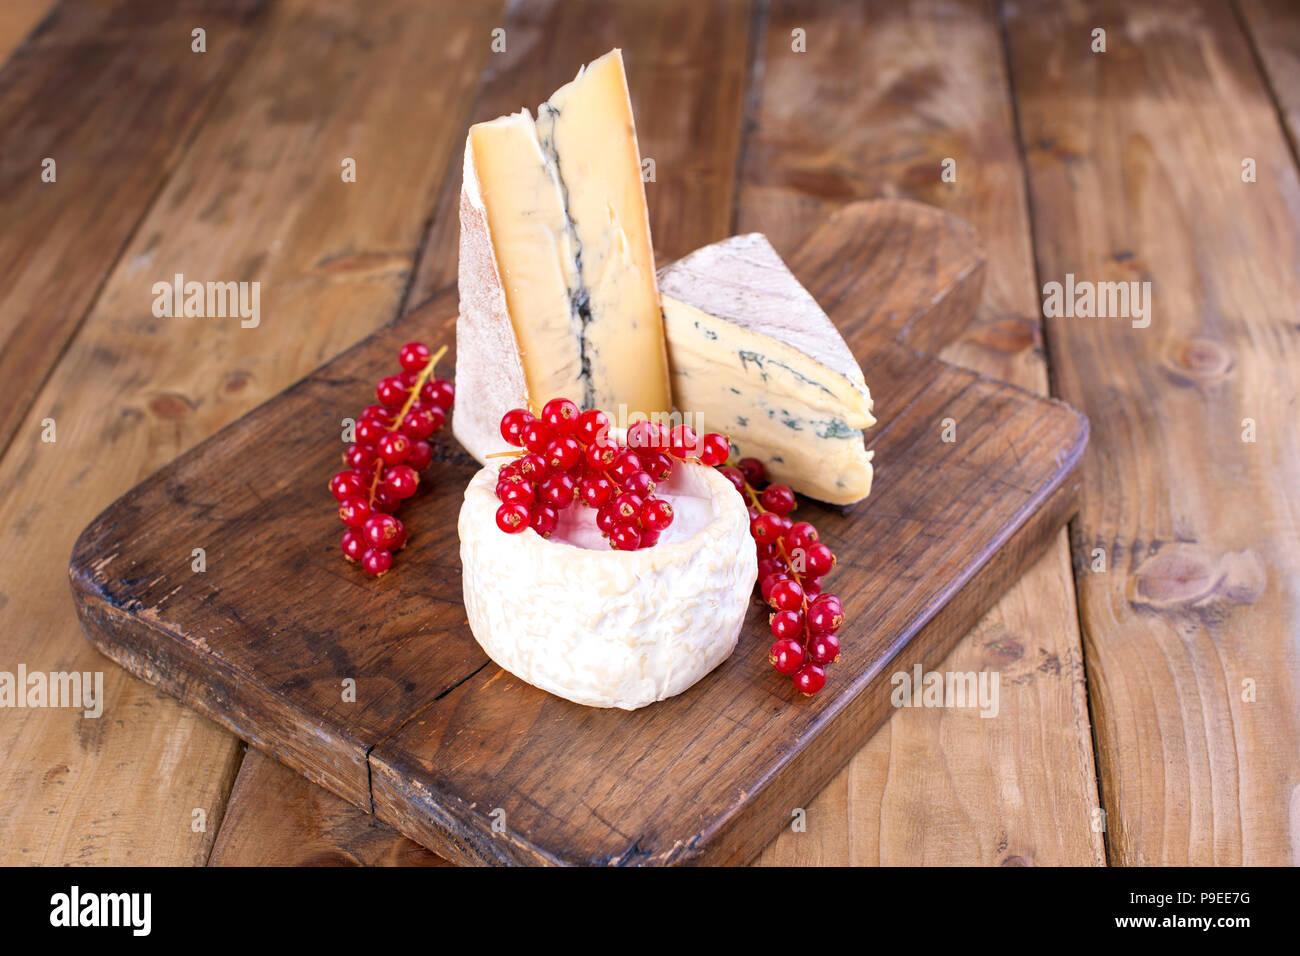 Distintos quesos con moho blanco y azul. Las bayas de grosellas rojas flores blancas. Fondo de madera y espacio libre para el texto o publicidad Imagen De Stock